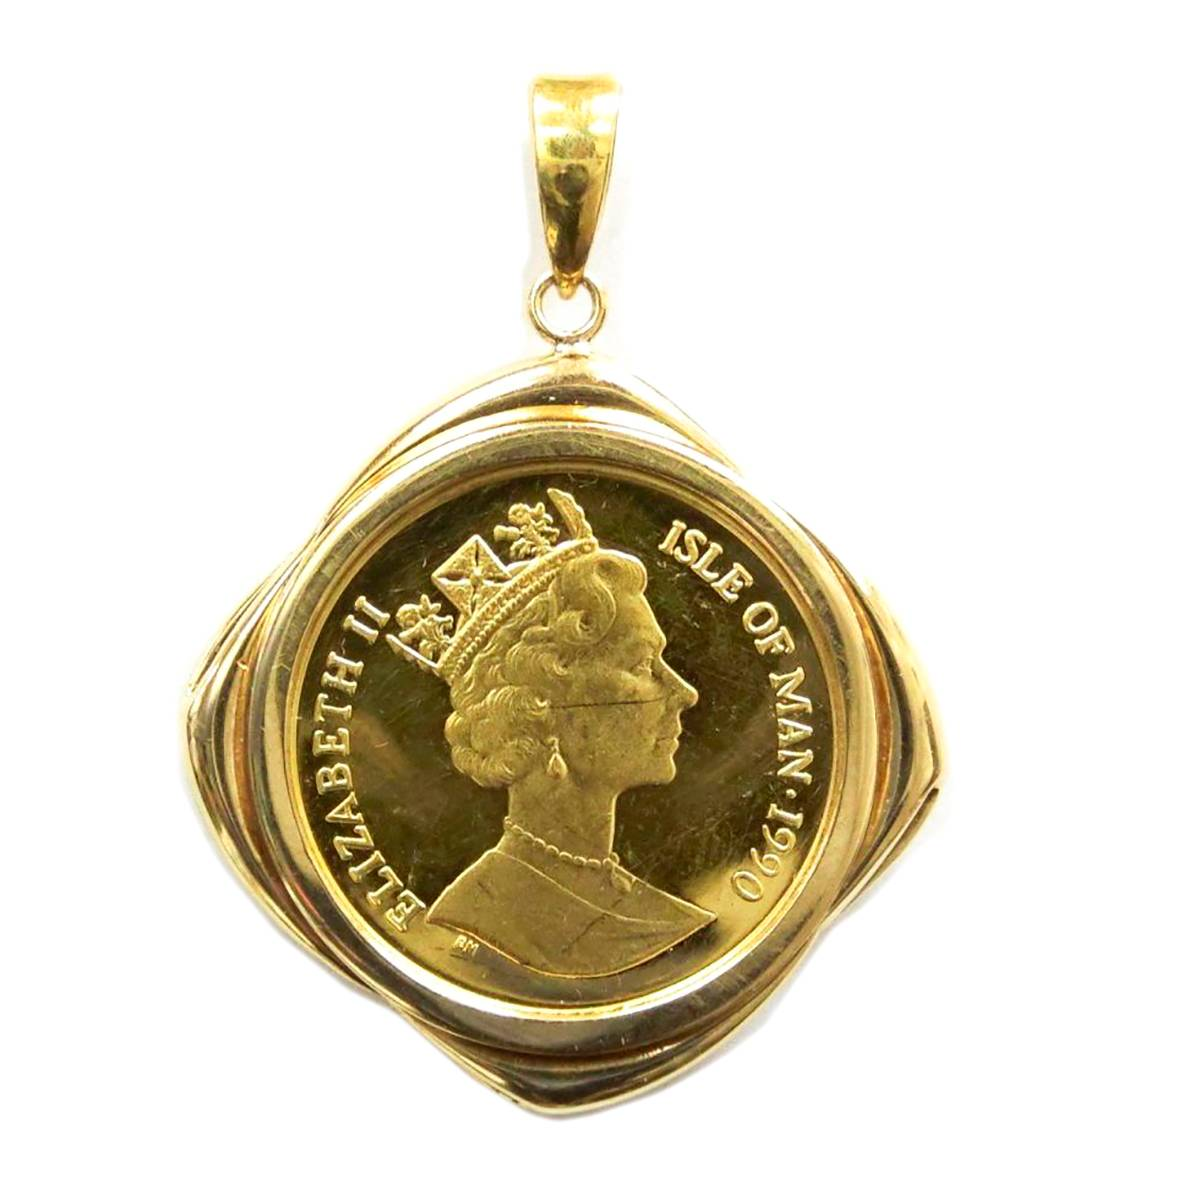 【中古】 K24 純金 ゴールド マン島 キャットコイン 1/5oz 金貨 ペンダントトップ 枠 K18 10.2g KA Bランク